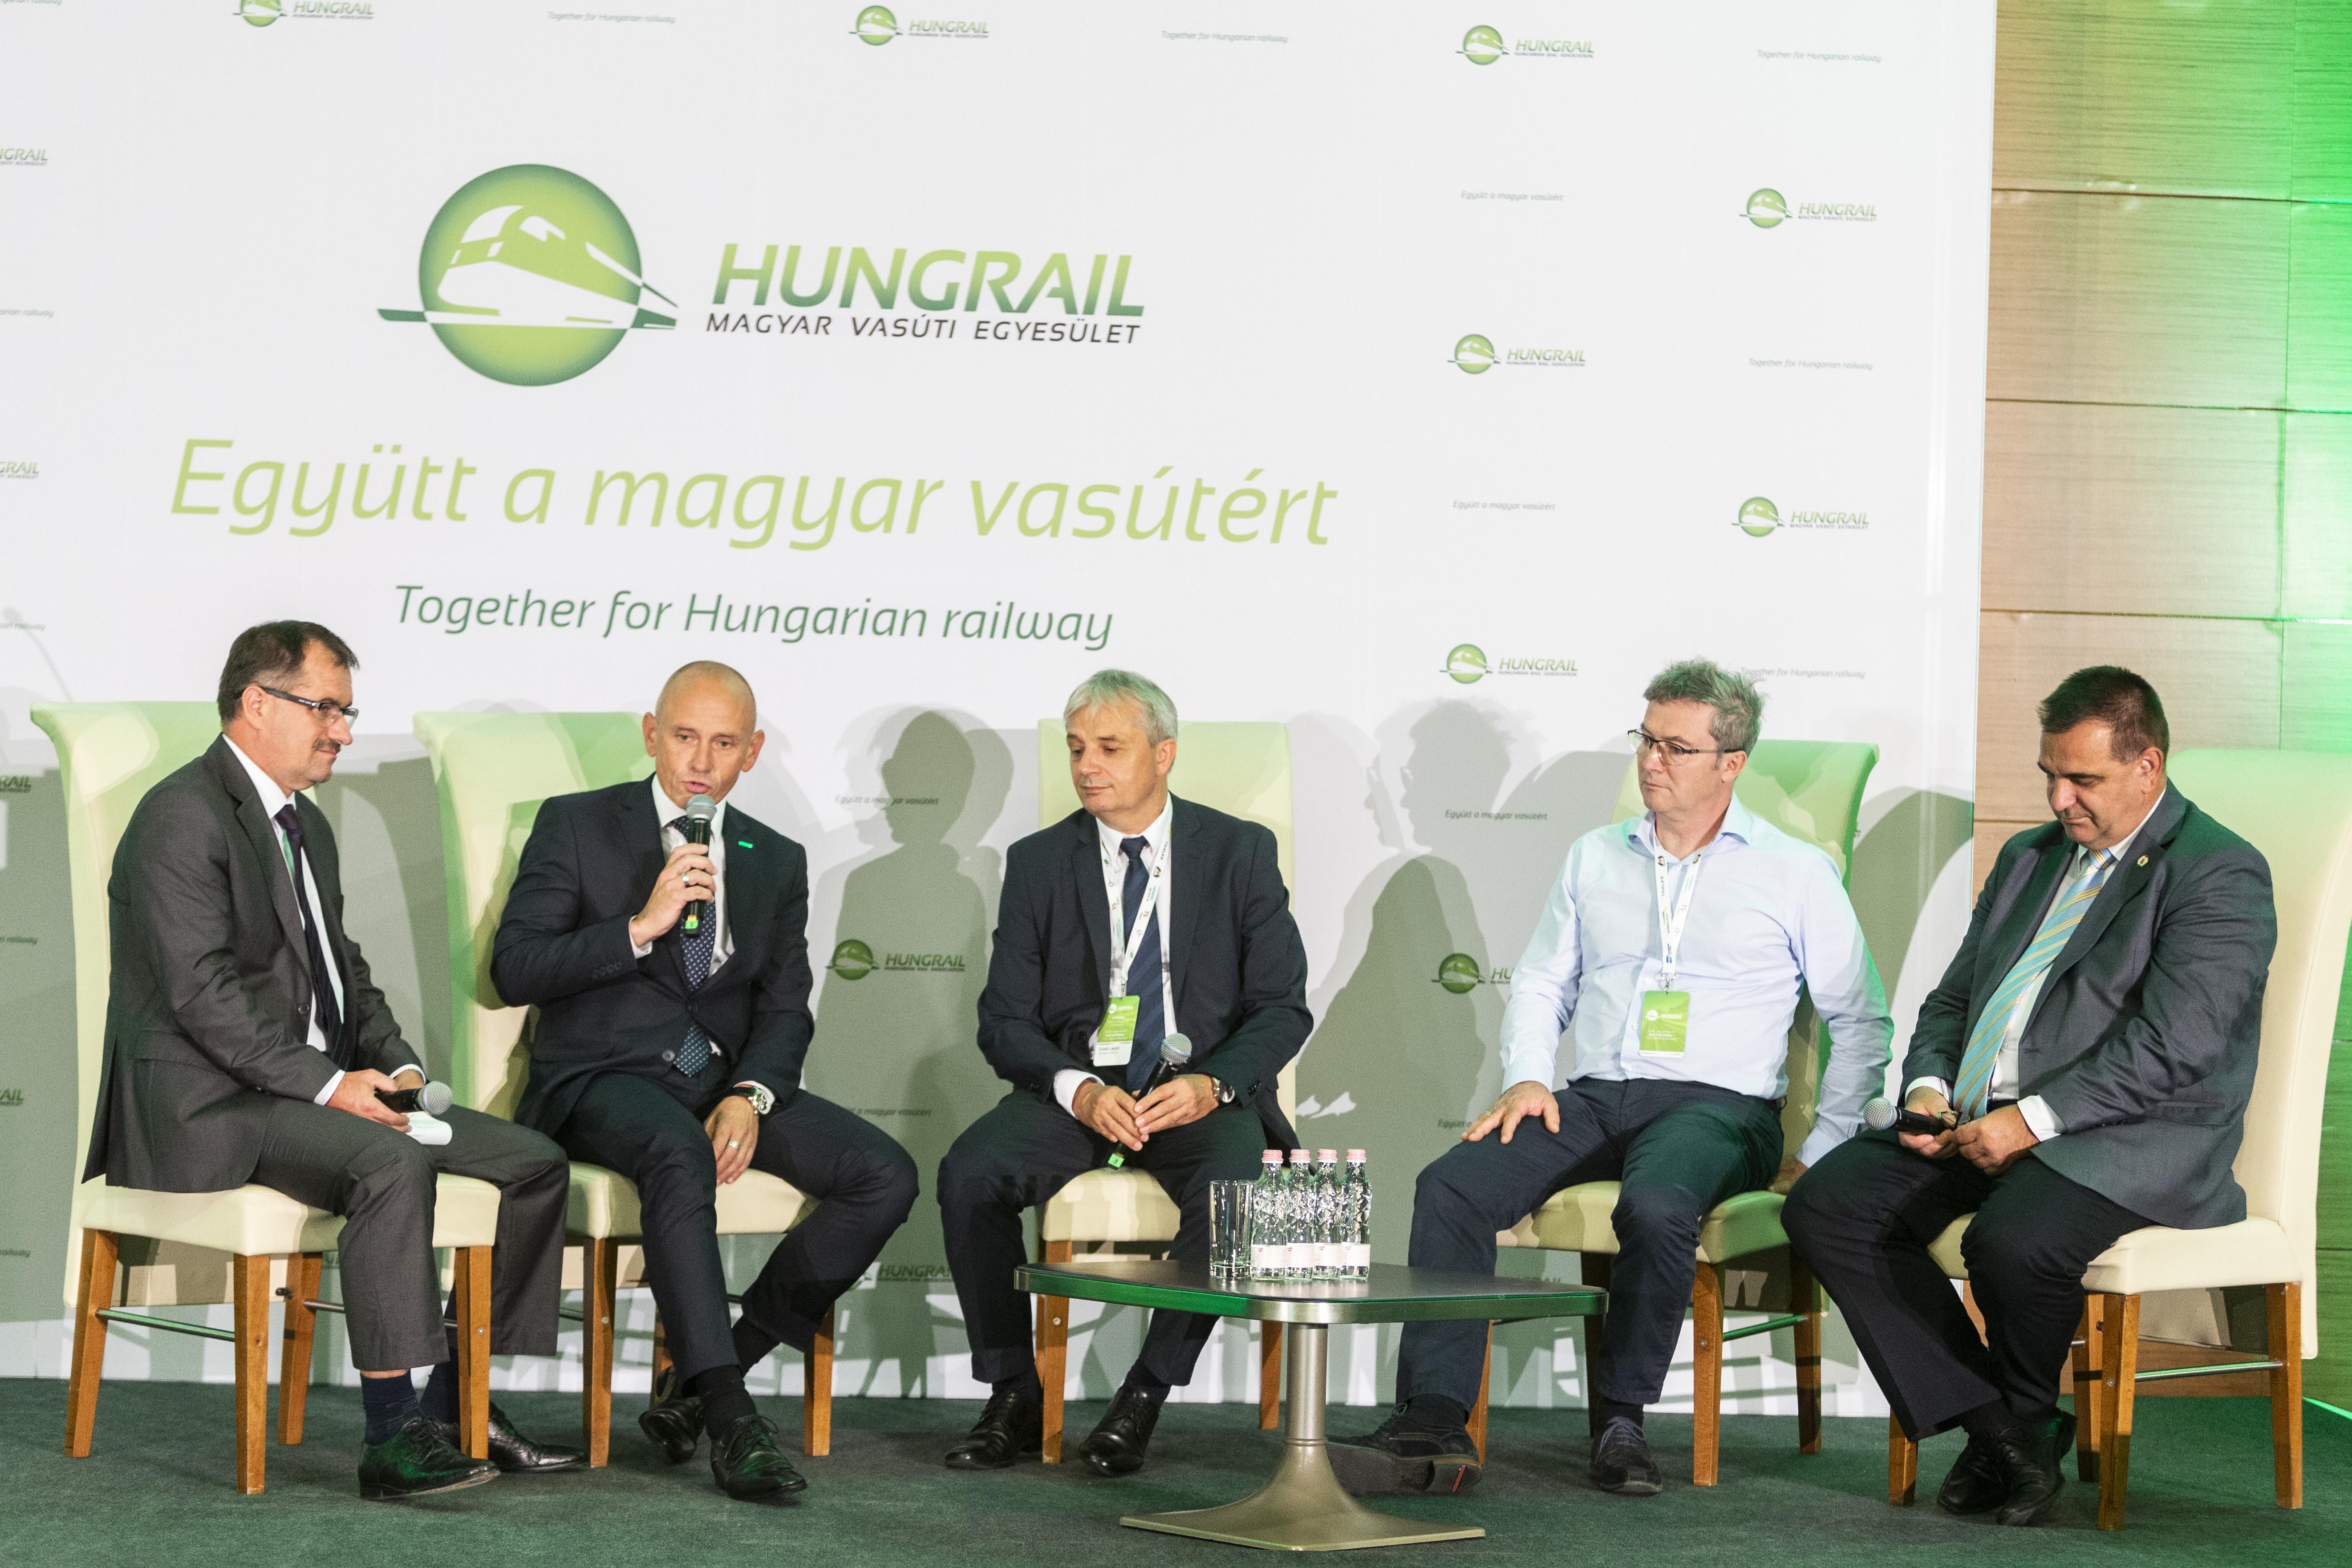 Magyarország lehetőségei a kínai vasúti alternatív szállítási útvonalak vonatkozásában